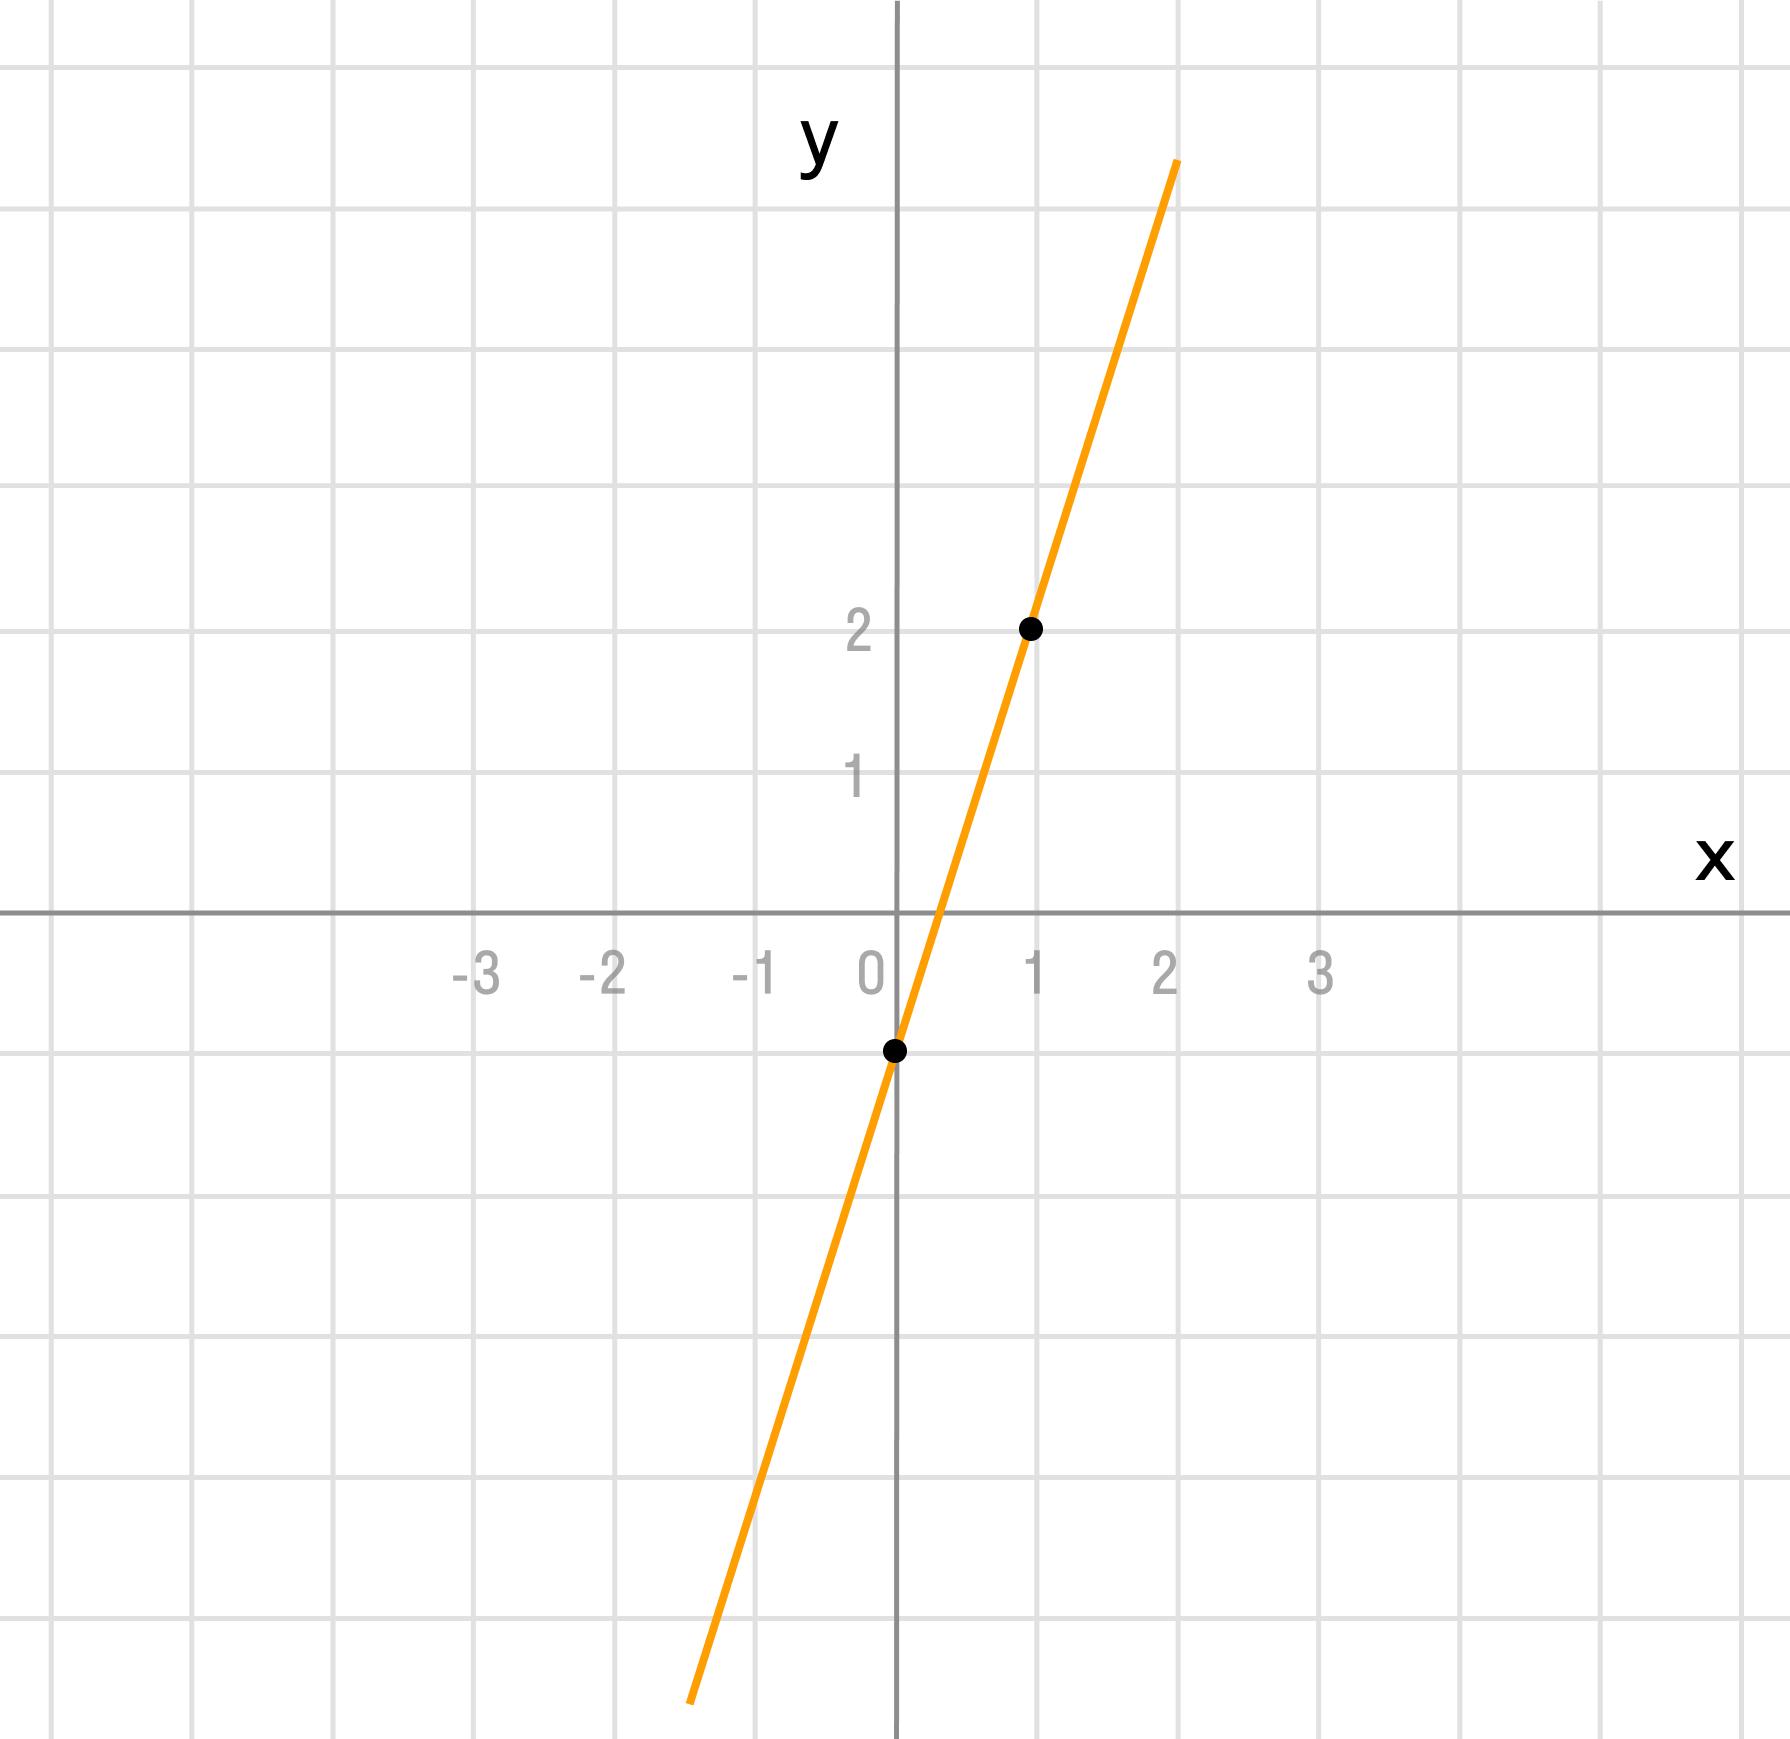 Задача 4. Построение функции по точкам 1